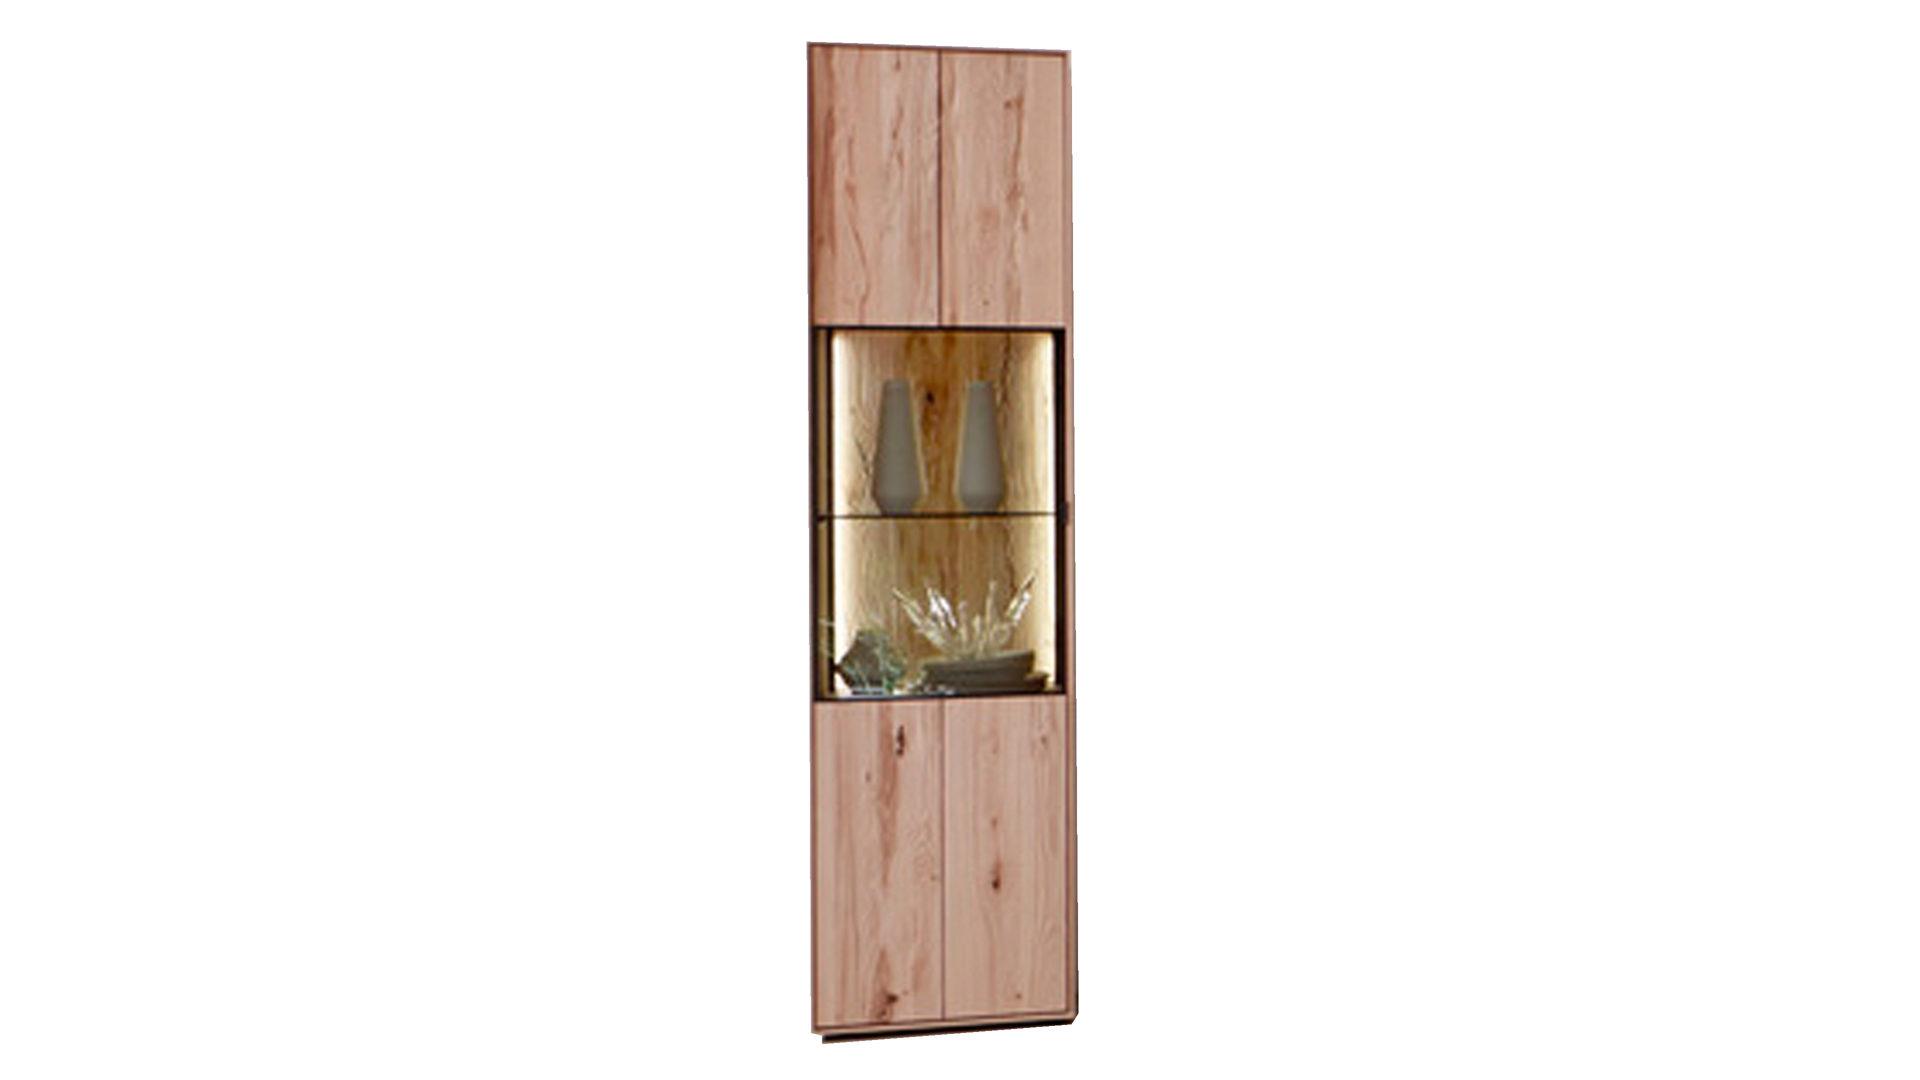 massivholzmobel wohnzimmerschrank, hertel möbel e.k. gesees, räume, wohnzimmer, schränke + wohnwände, Design ideen